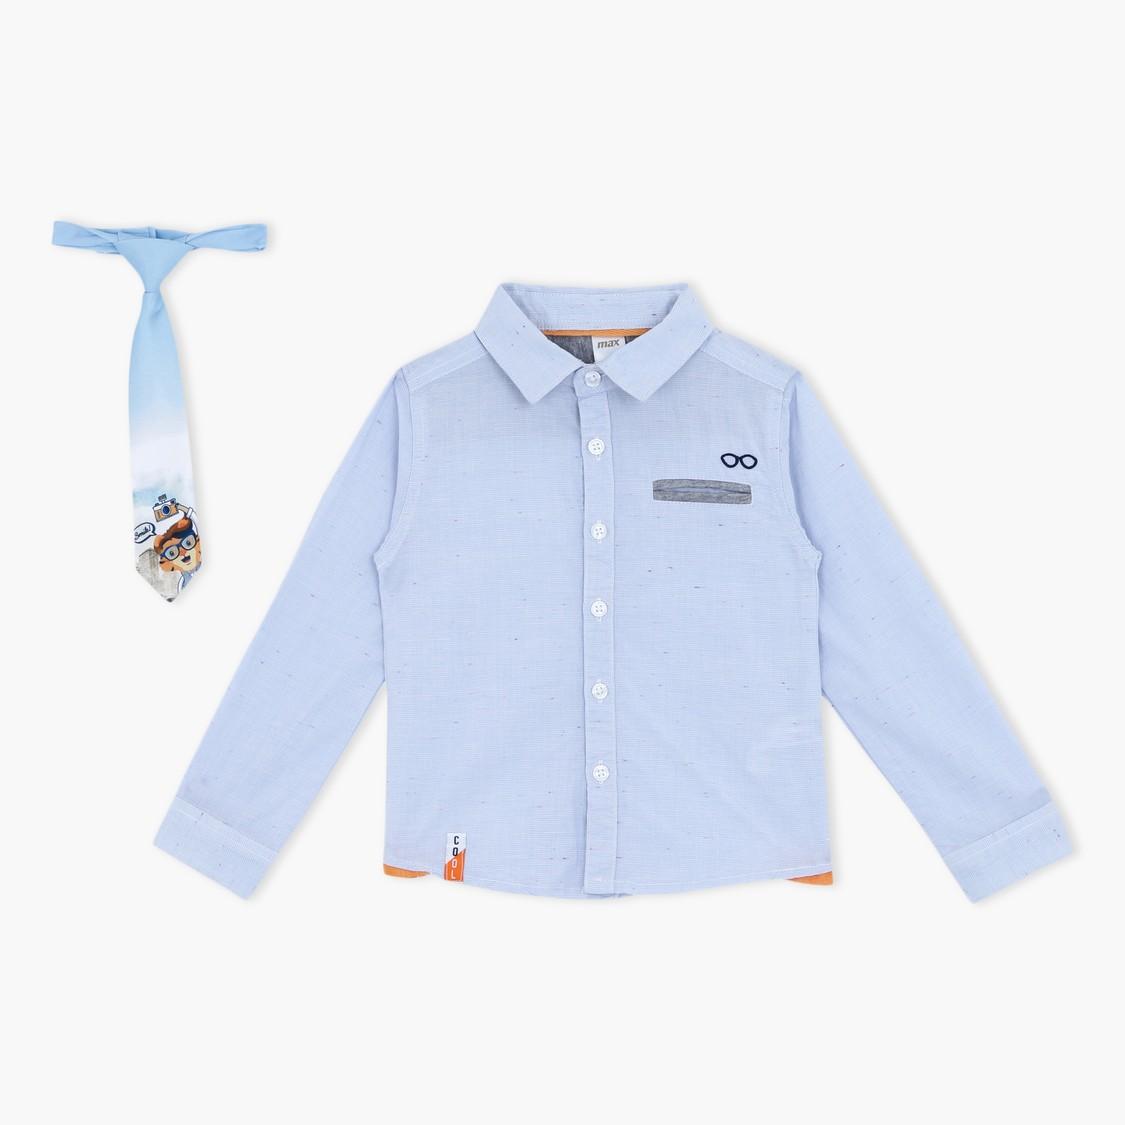 طقم مكوّن من قميص بأكمام طويلة وربطة عنق